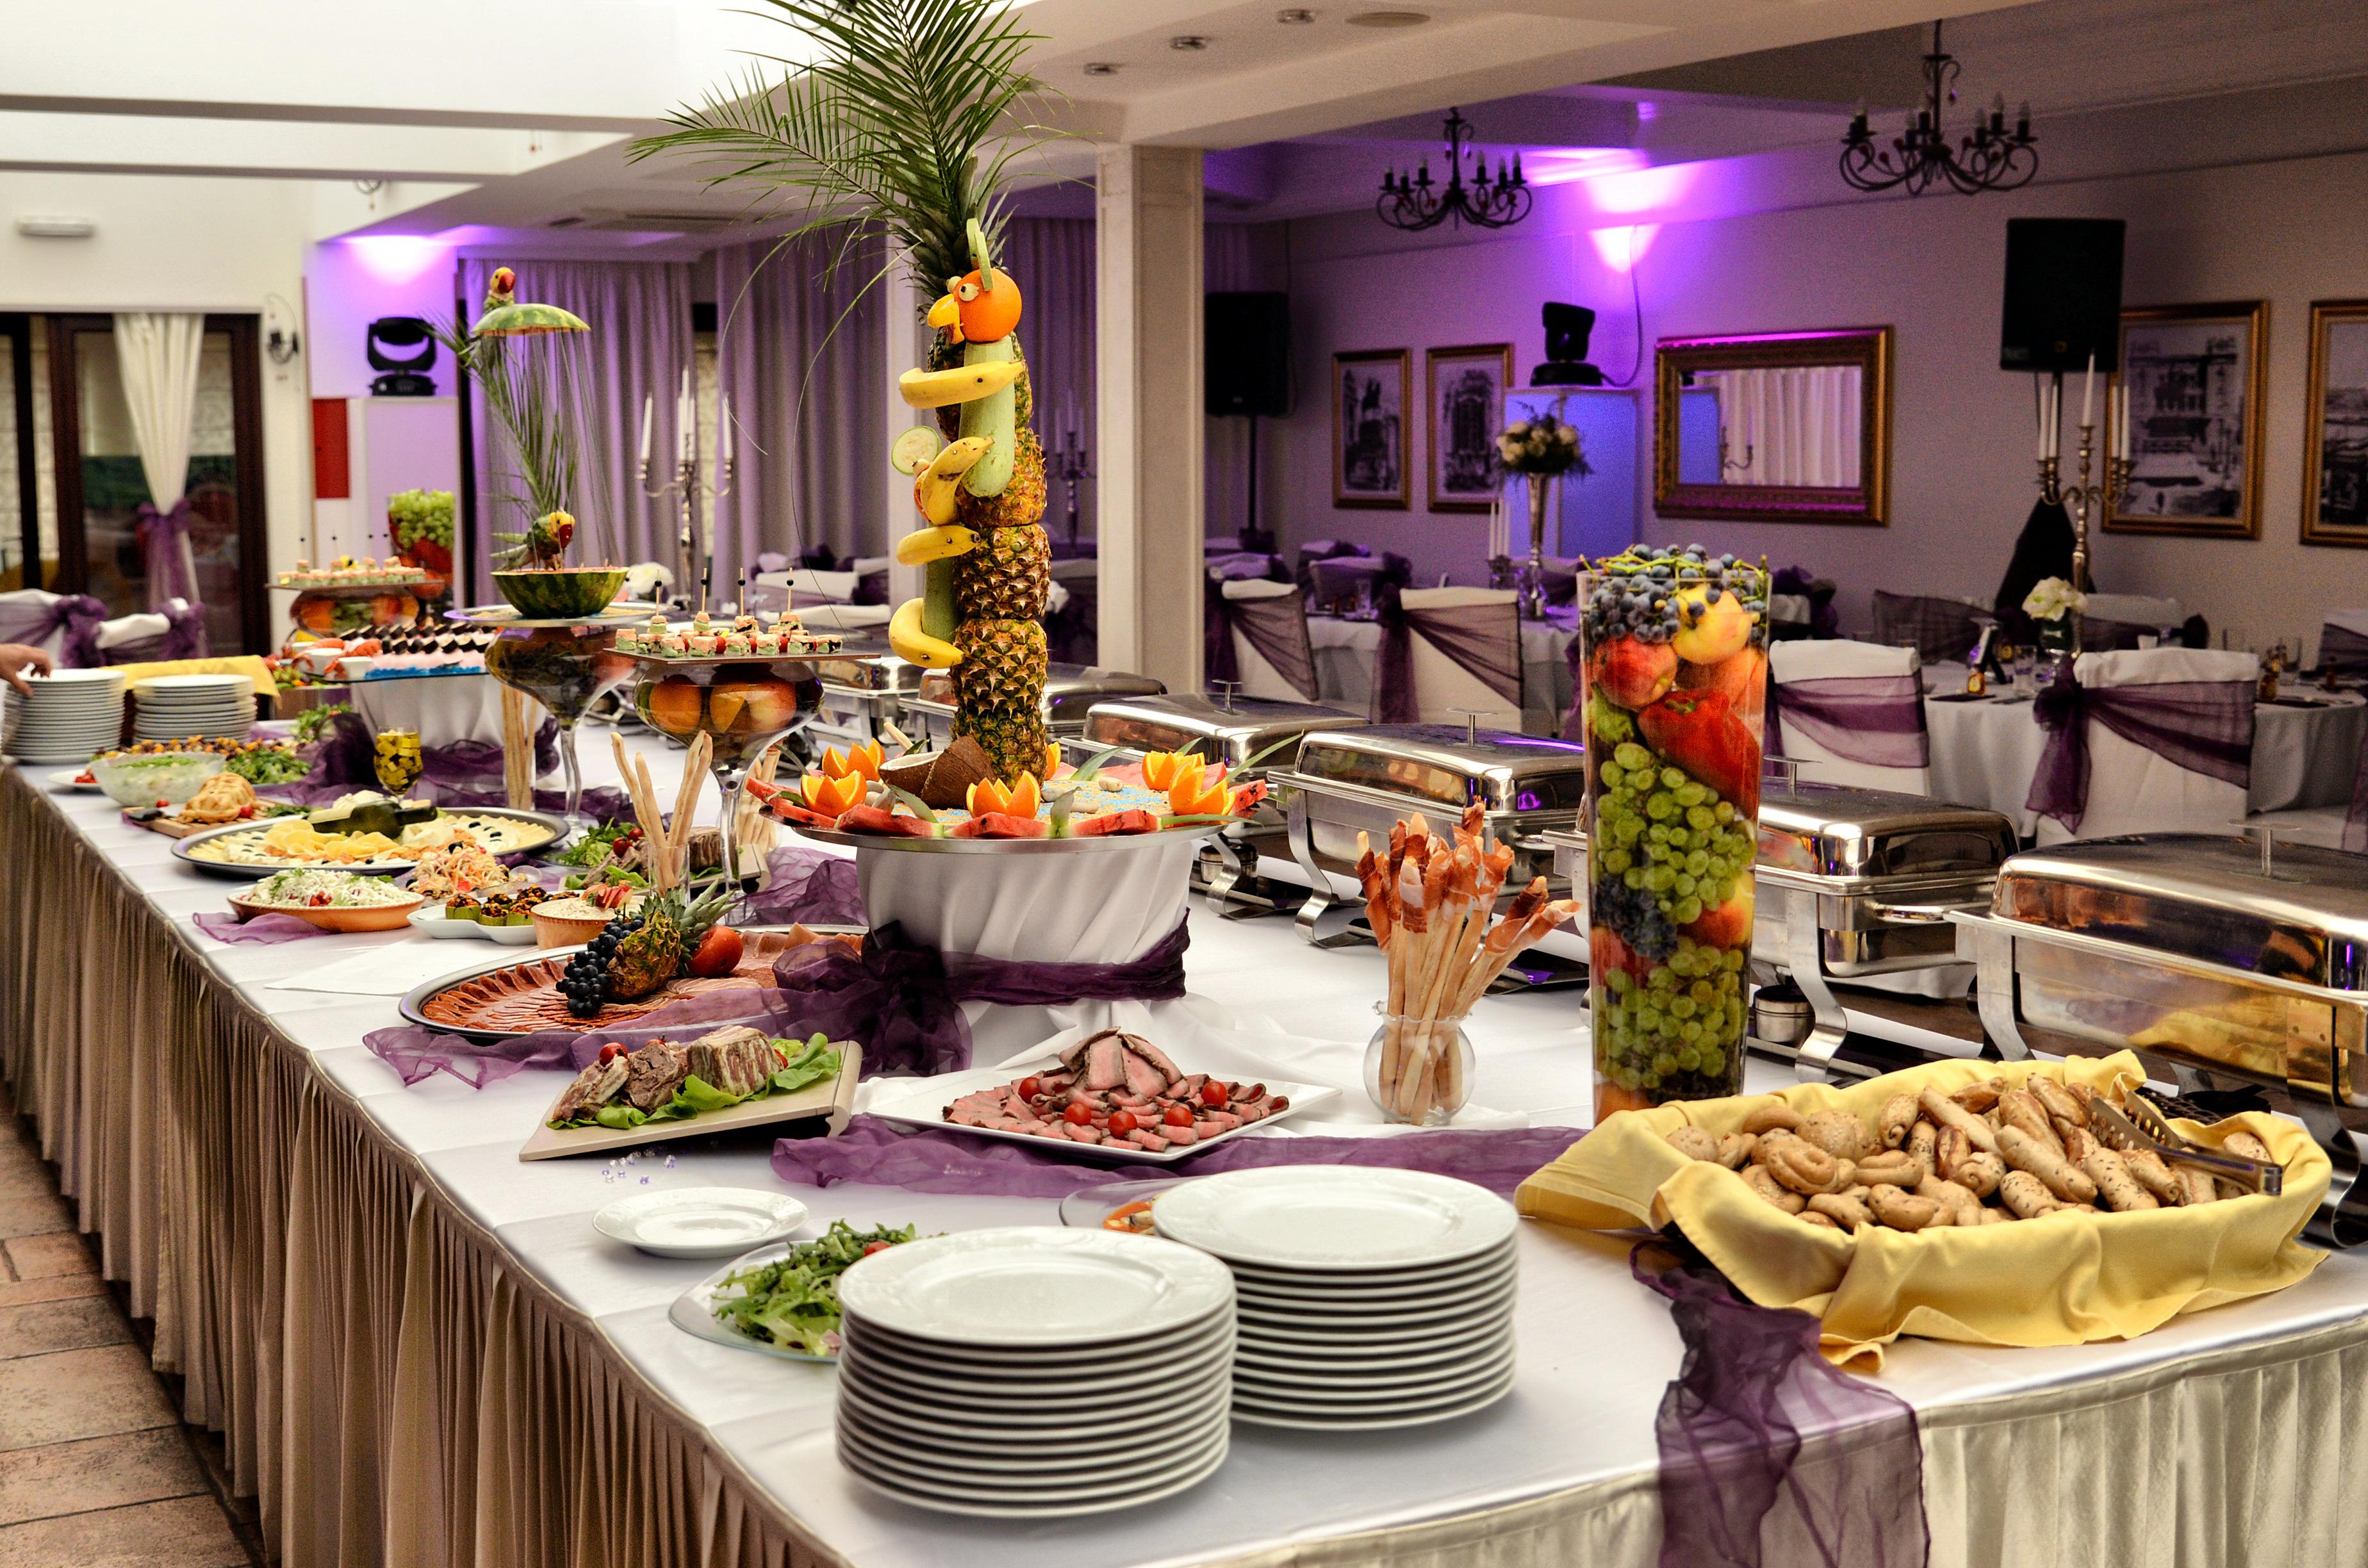 Hrana-dekoracije-2016-106